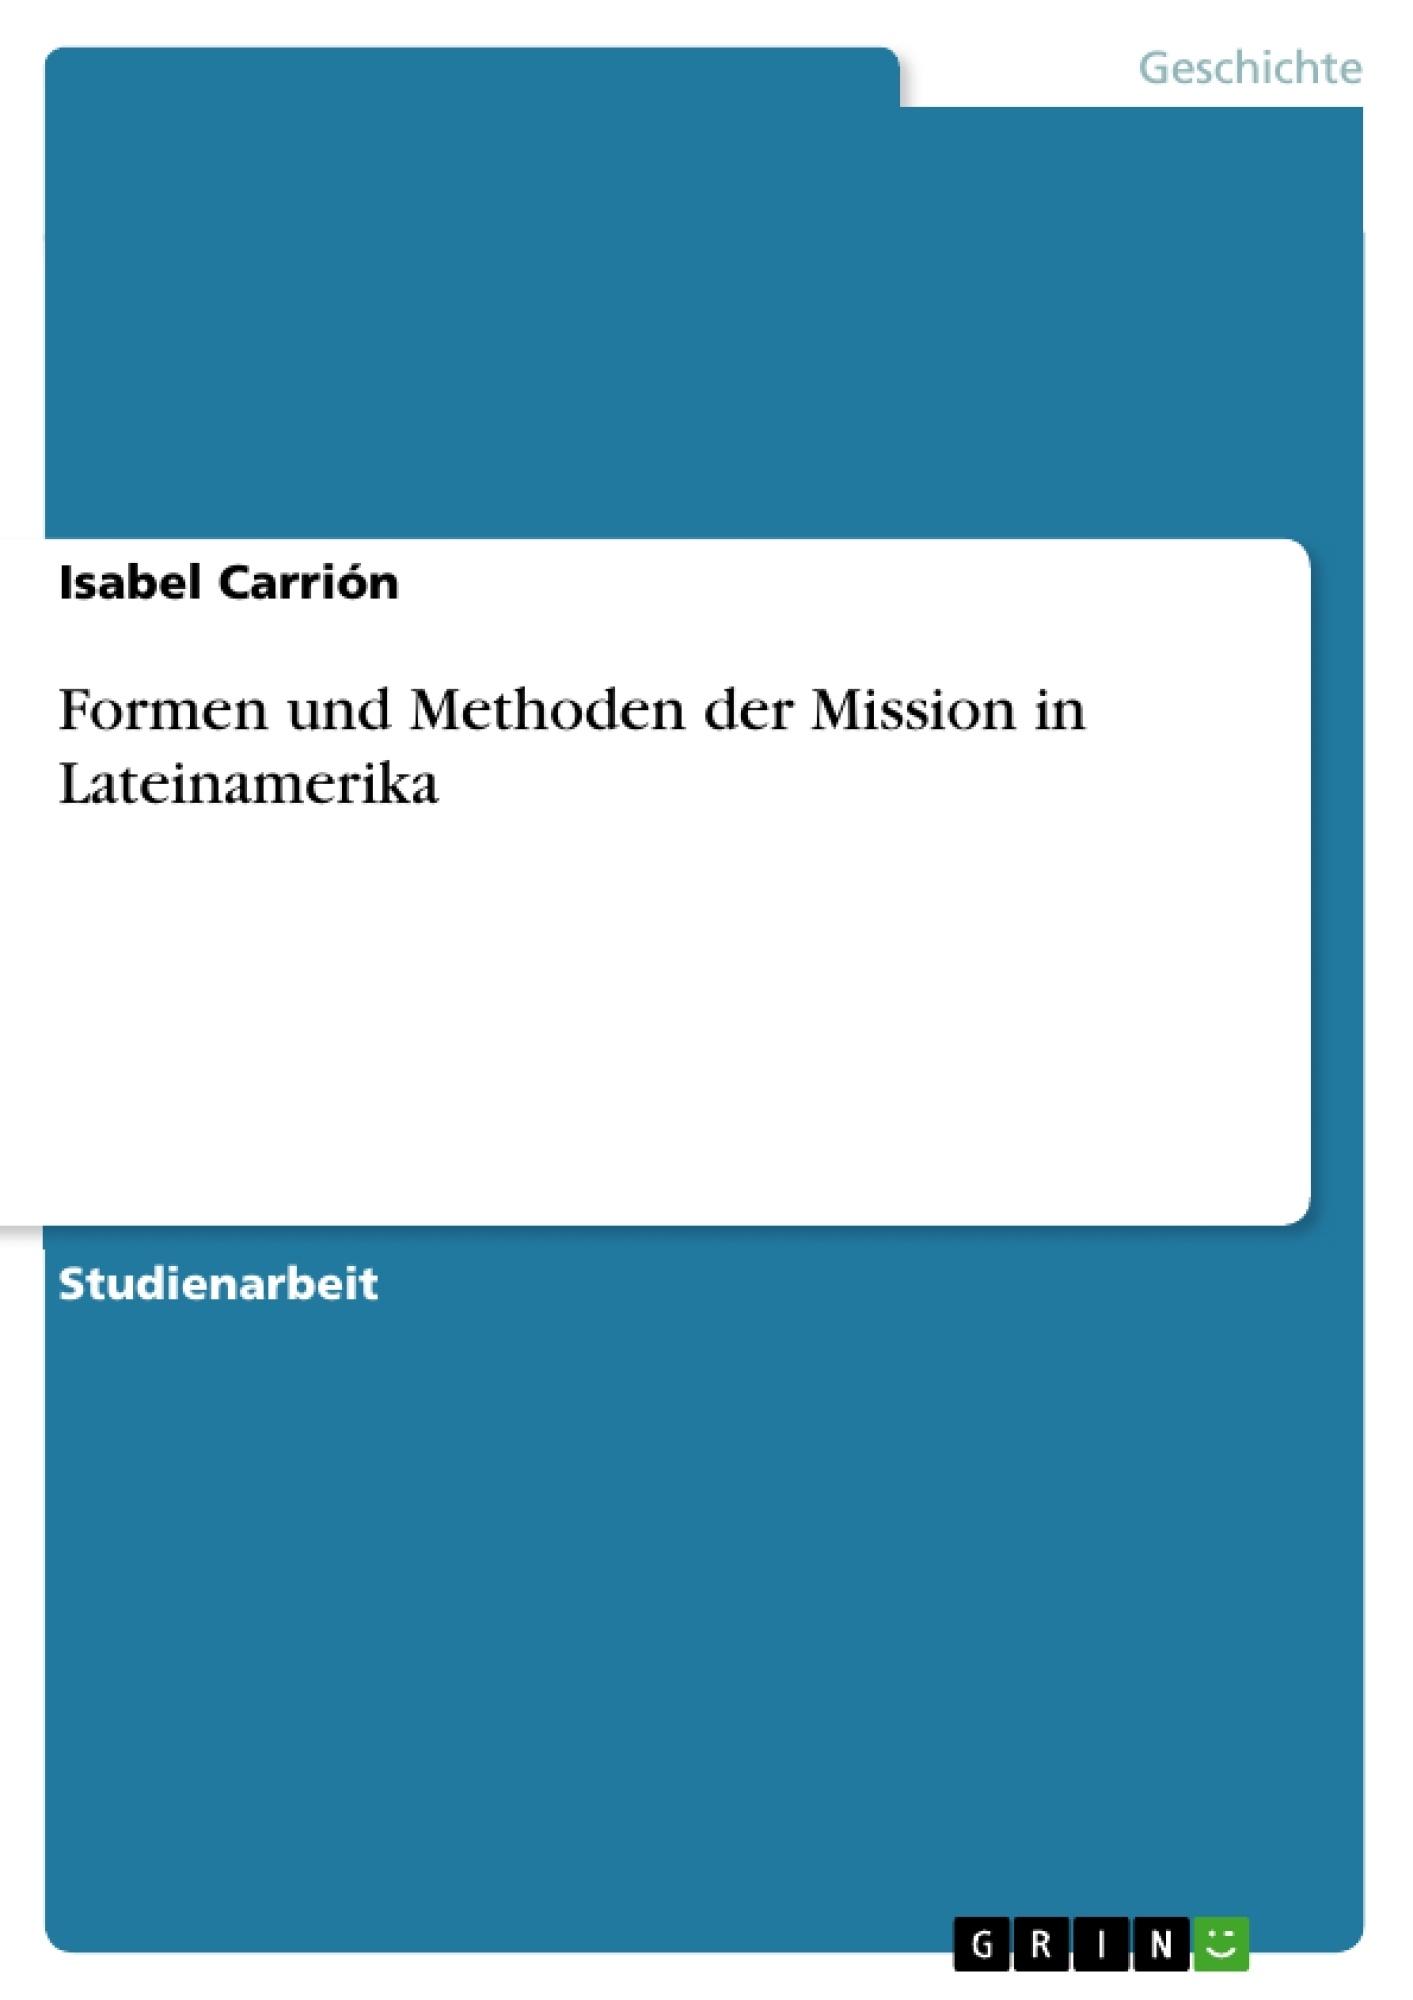 Titel: Formen und Methoden der Mission  in Lateinamerika